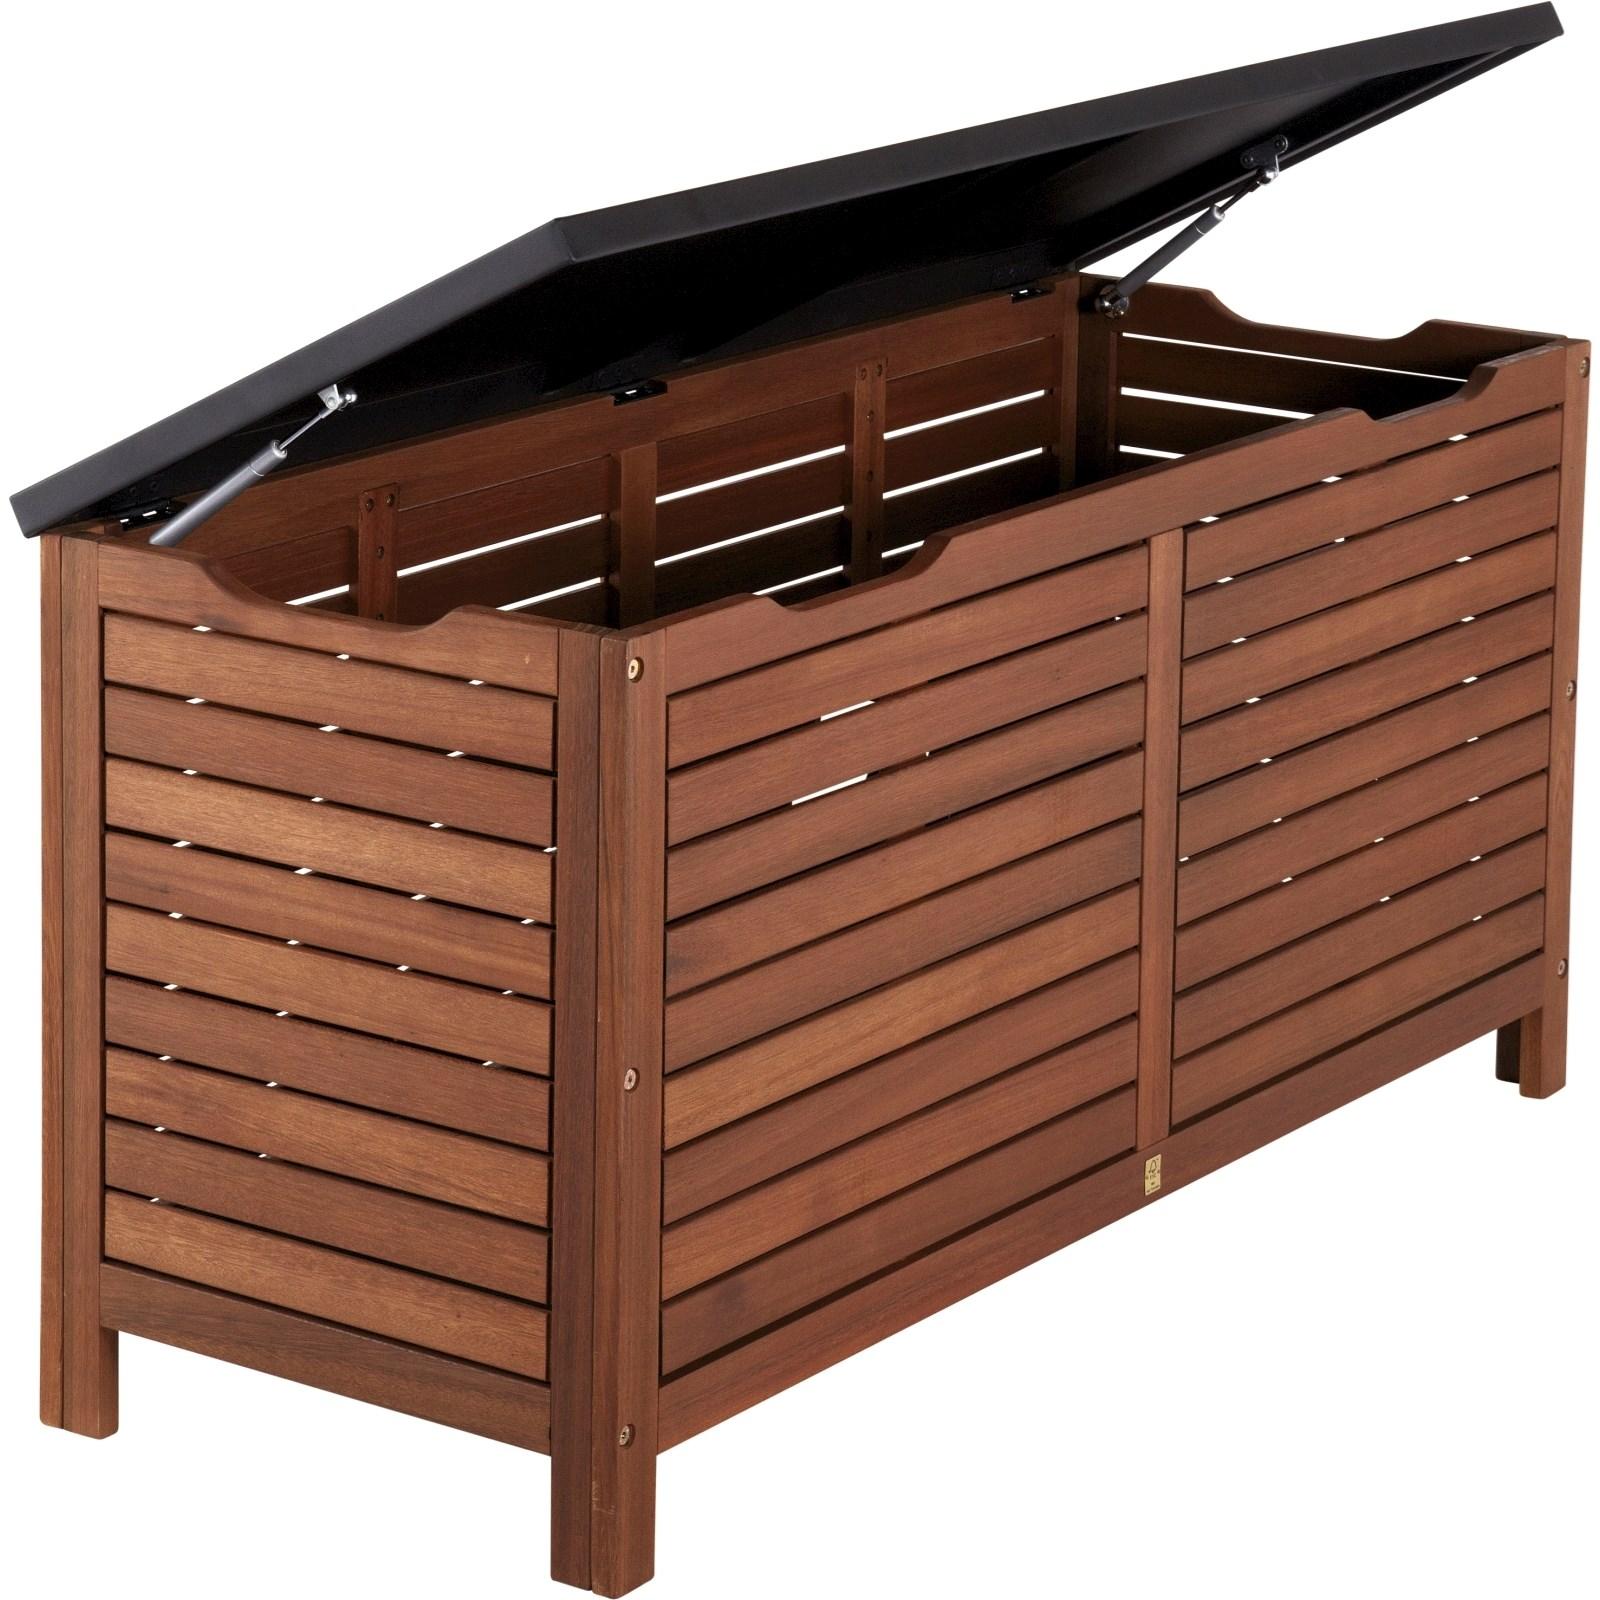 Coffre A Coussin Exterieur boîte à coussins 62 × 50 × 128 cm - meubles d'extérieur - landi